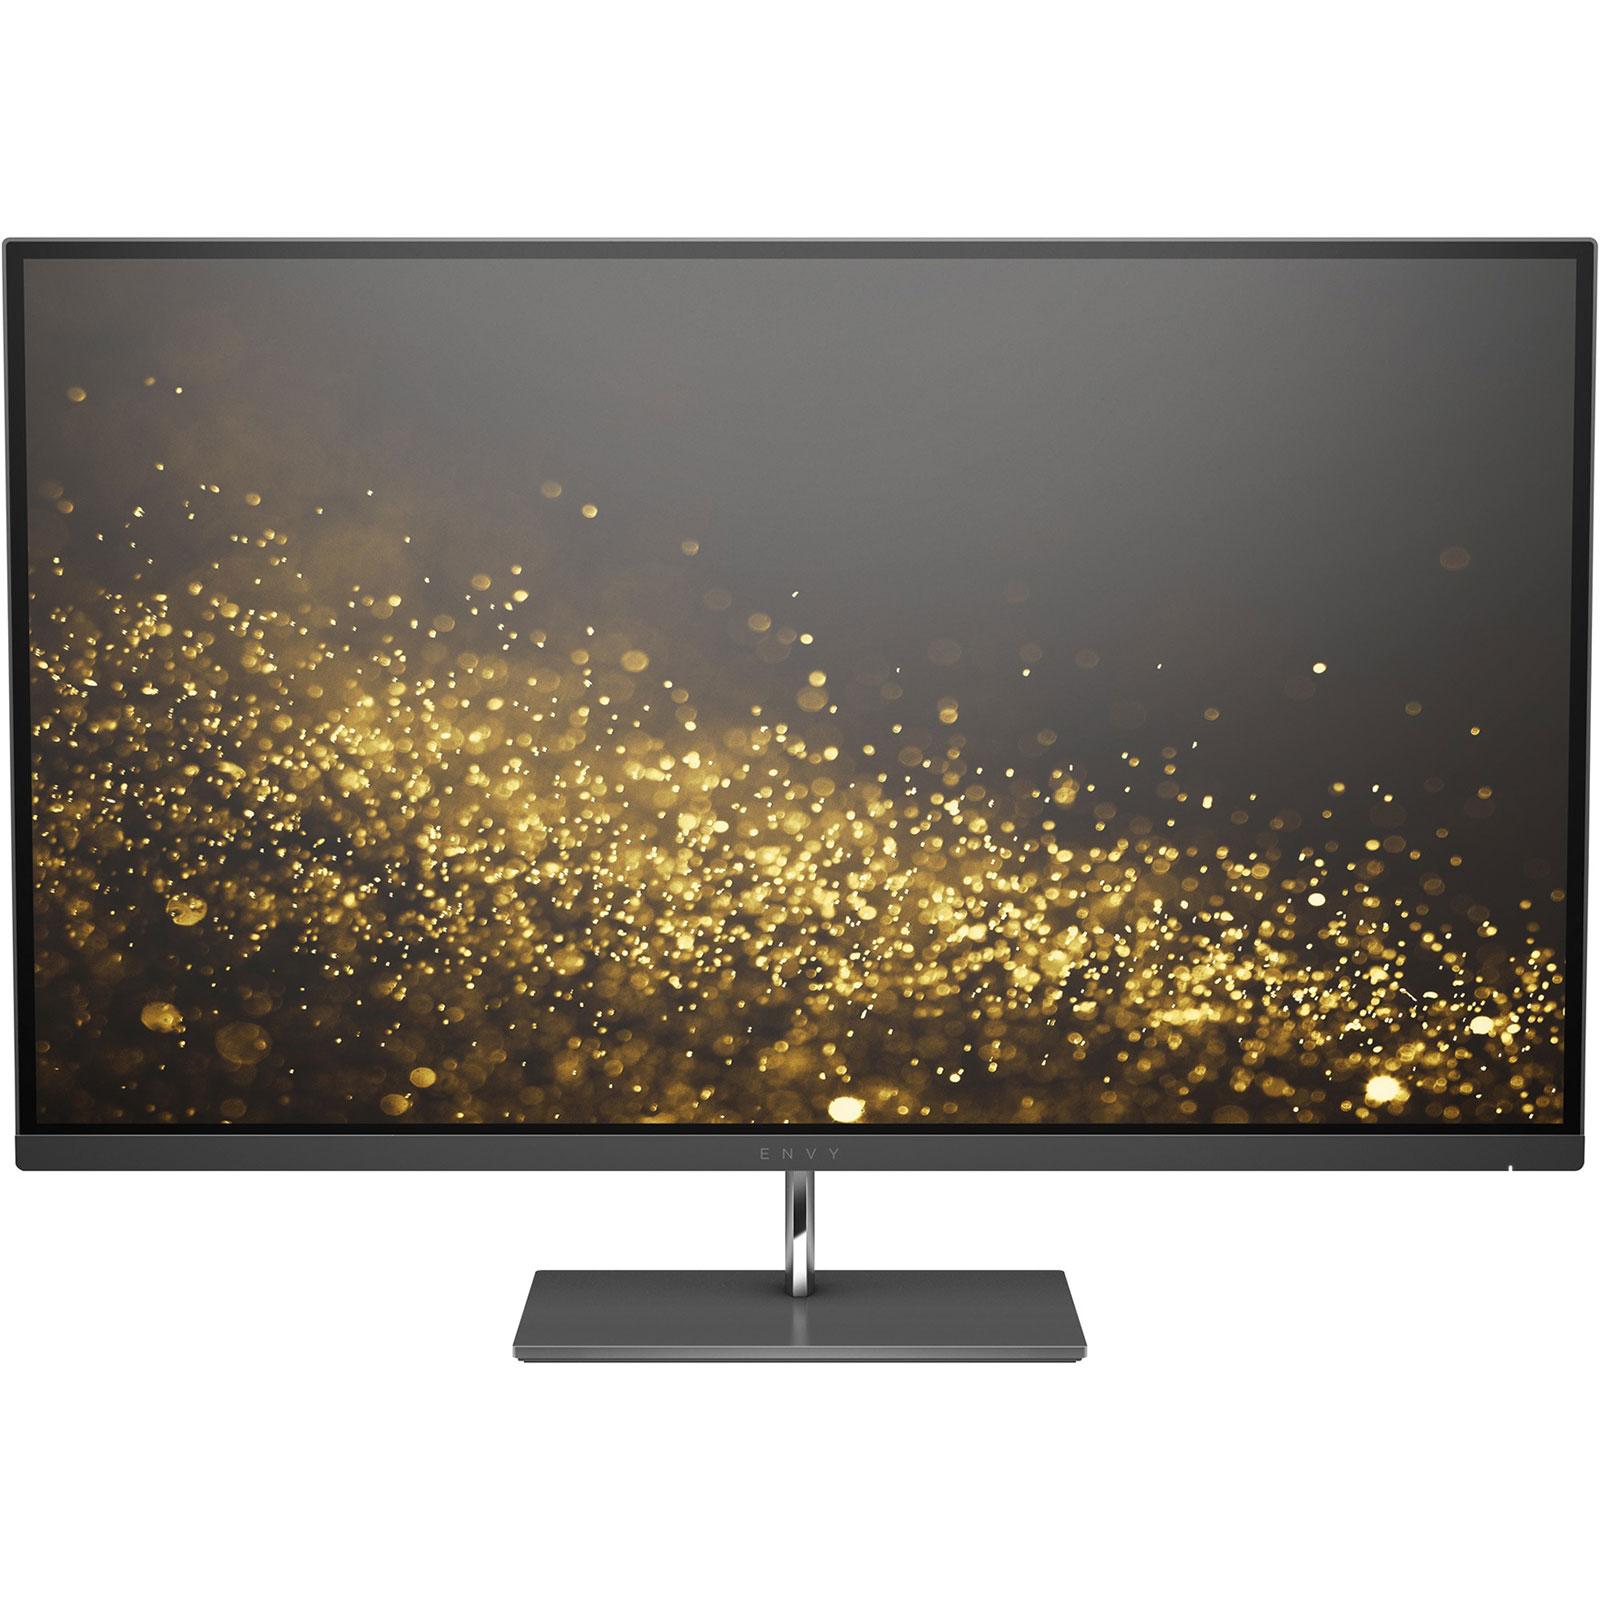 """Ecran PC HP 27"""" LED - ENVY 27s 3840 x 2160 pixels - 5 ms (gris à gris) - Format large 16/9 - Dalle IPS - FreeSync - DisplayPort - HDMI - Noir"""